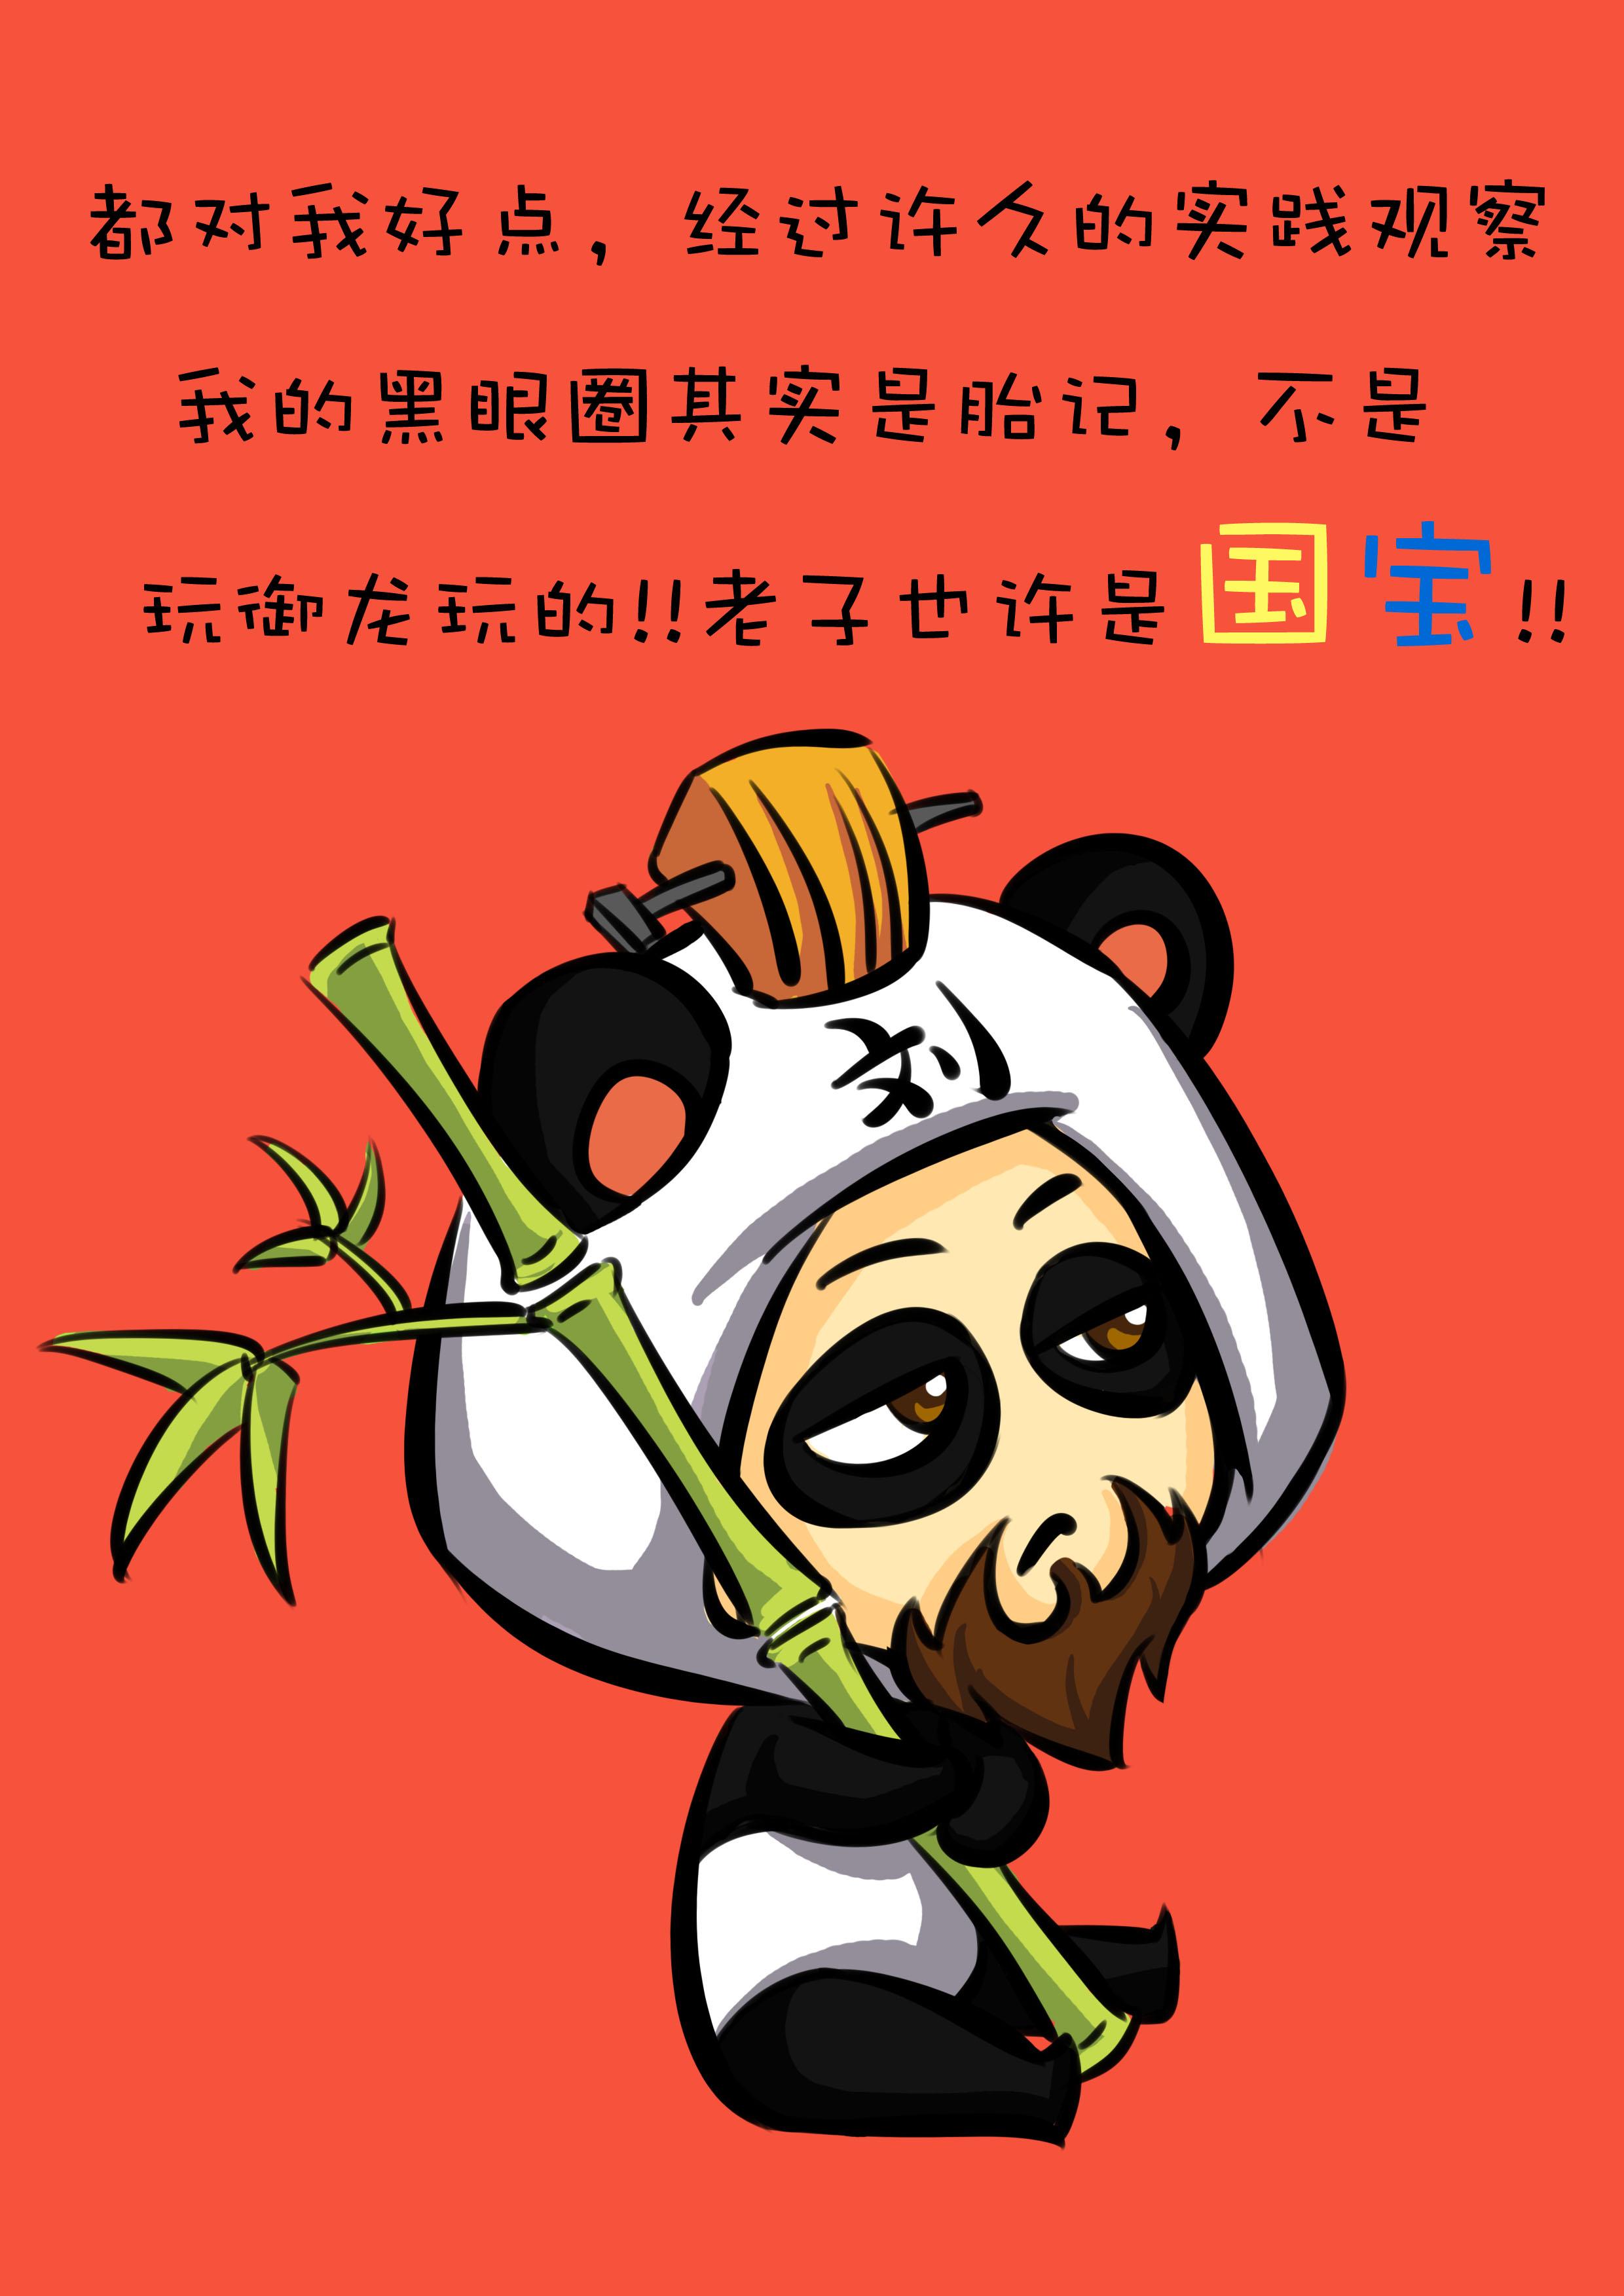 熊猫眼动画图片可爱